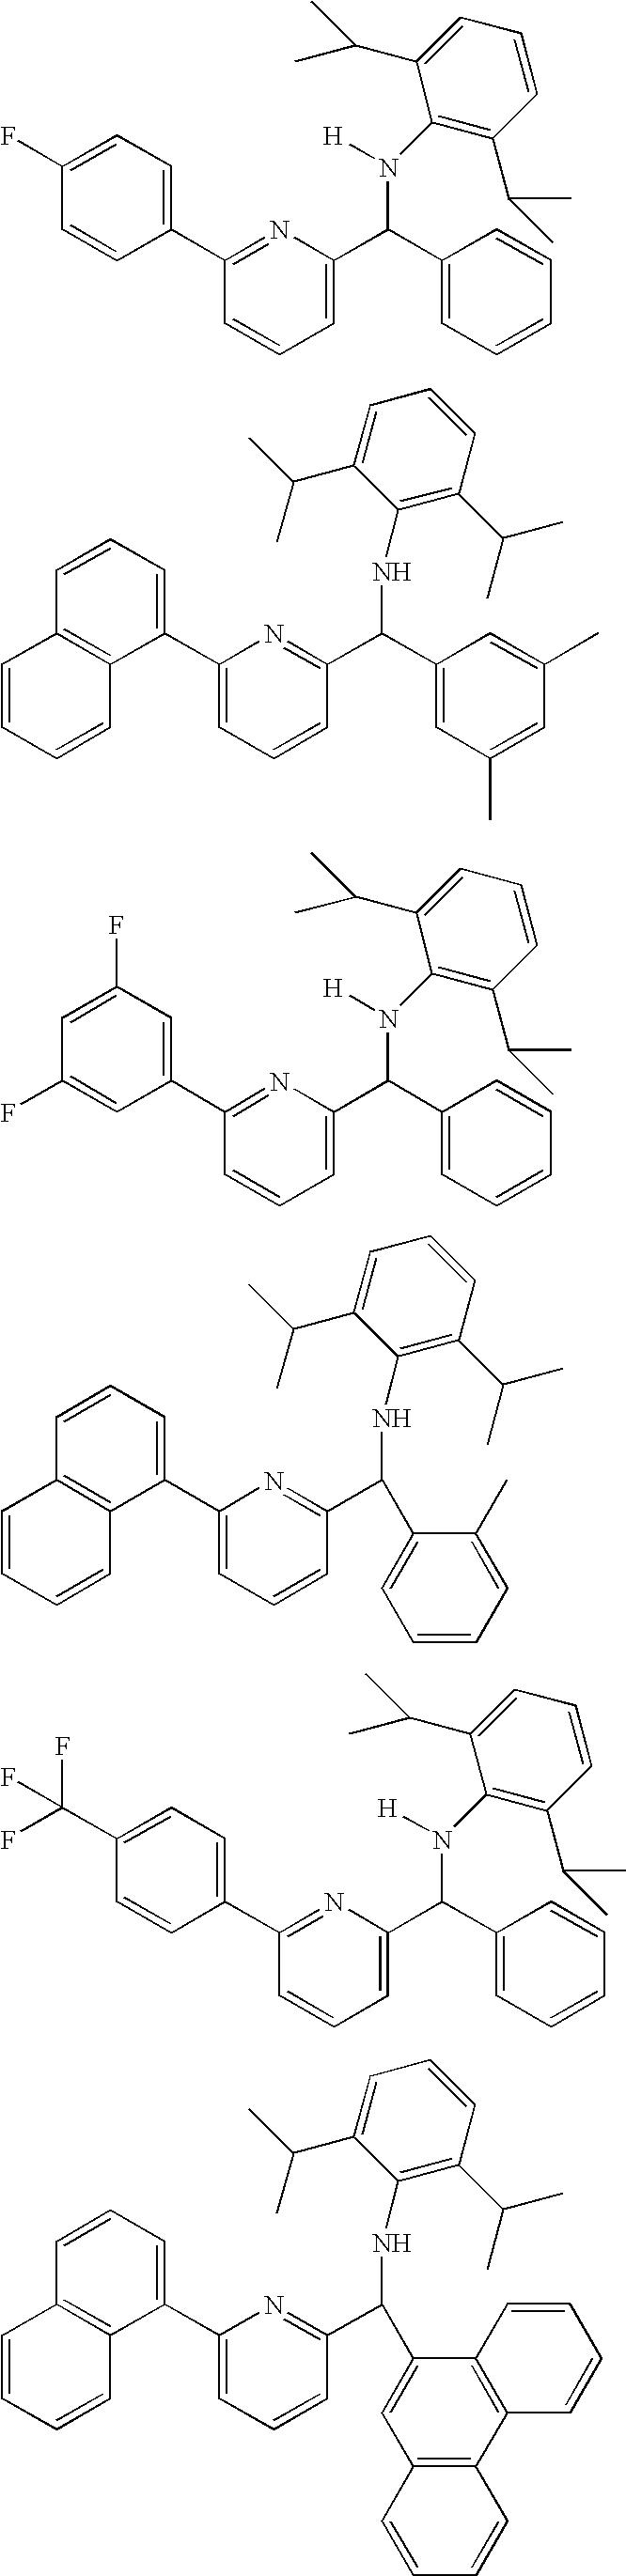 Figure US06900321-20050531-C00017